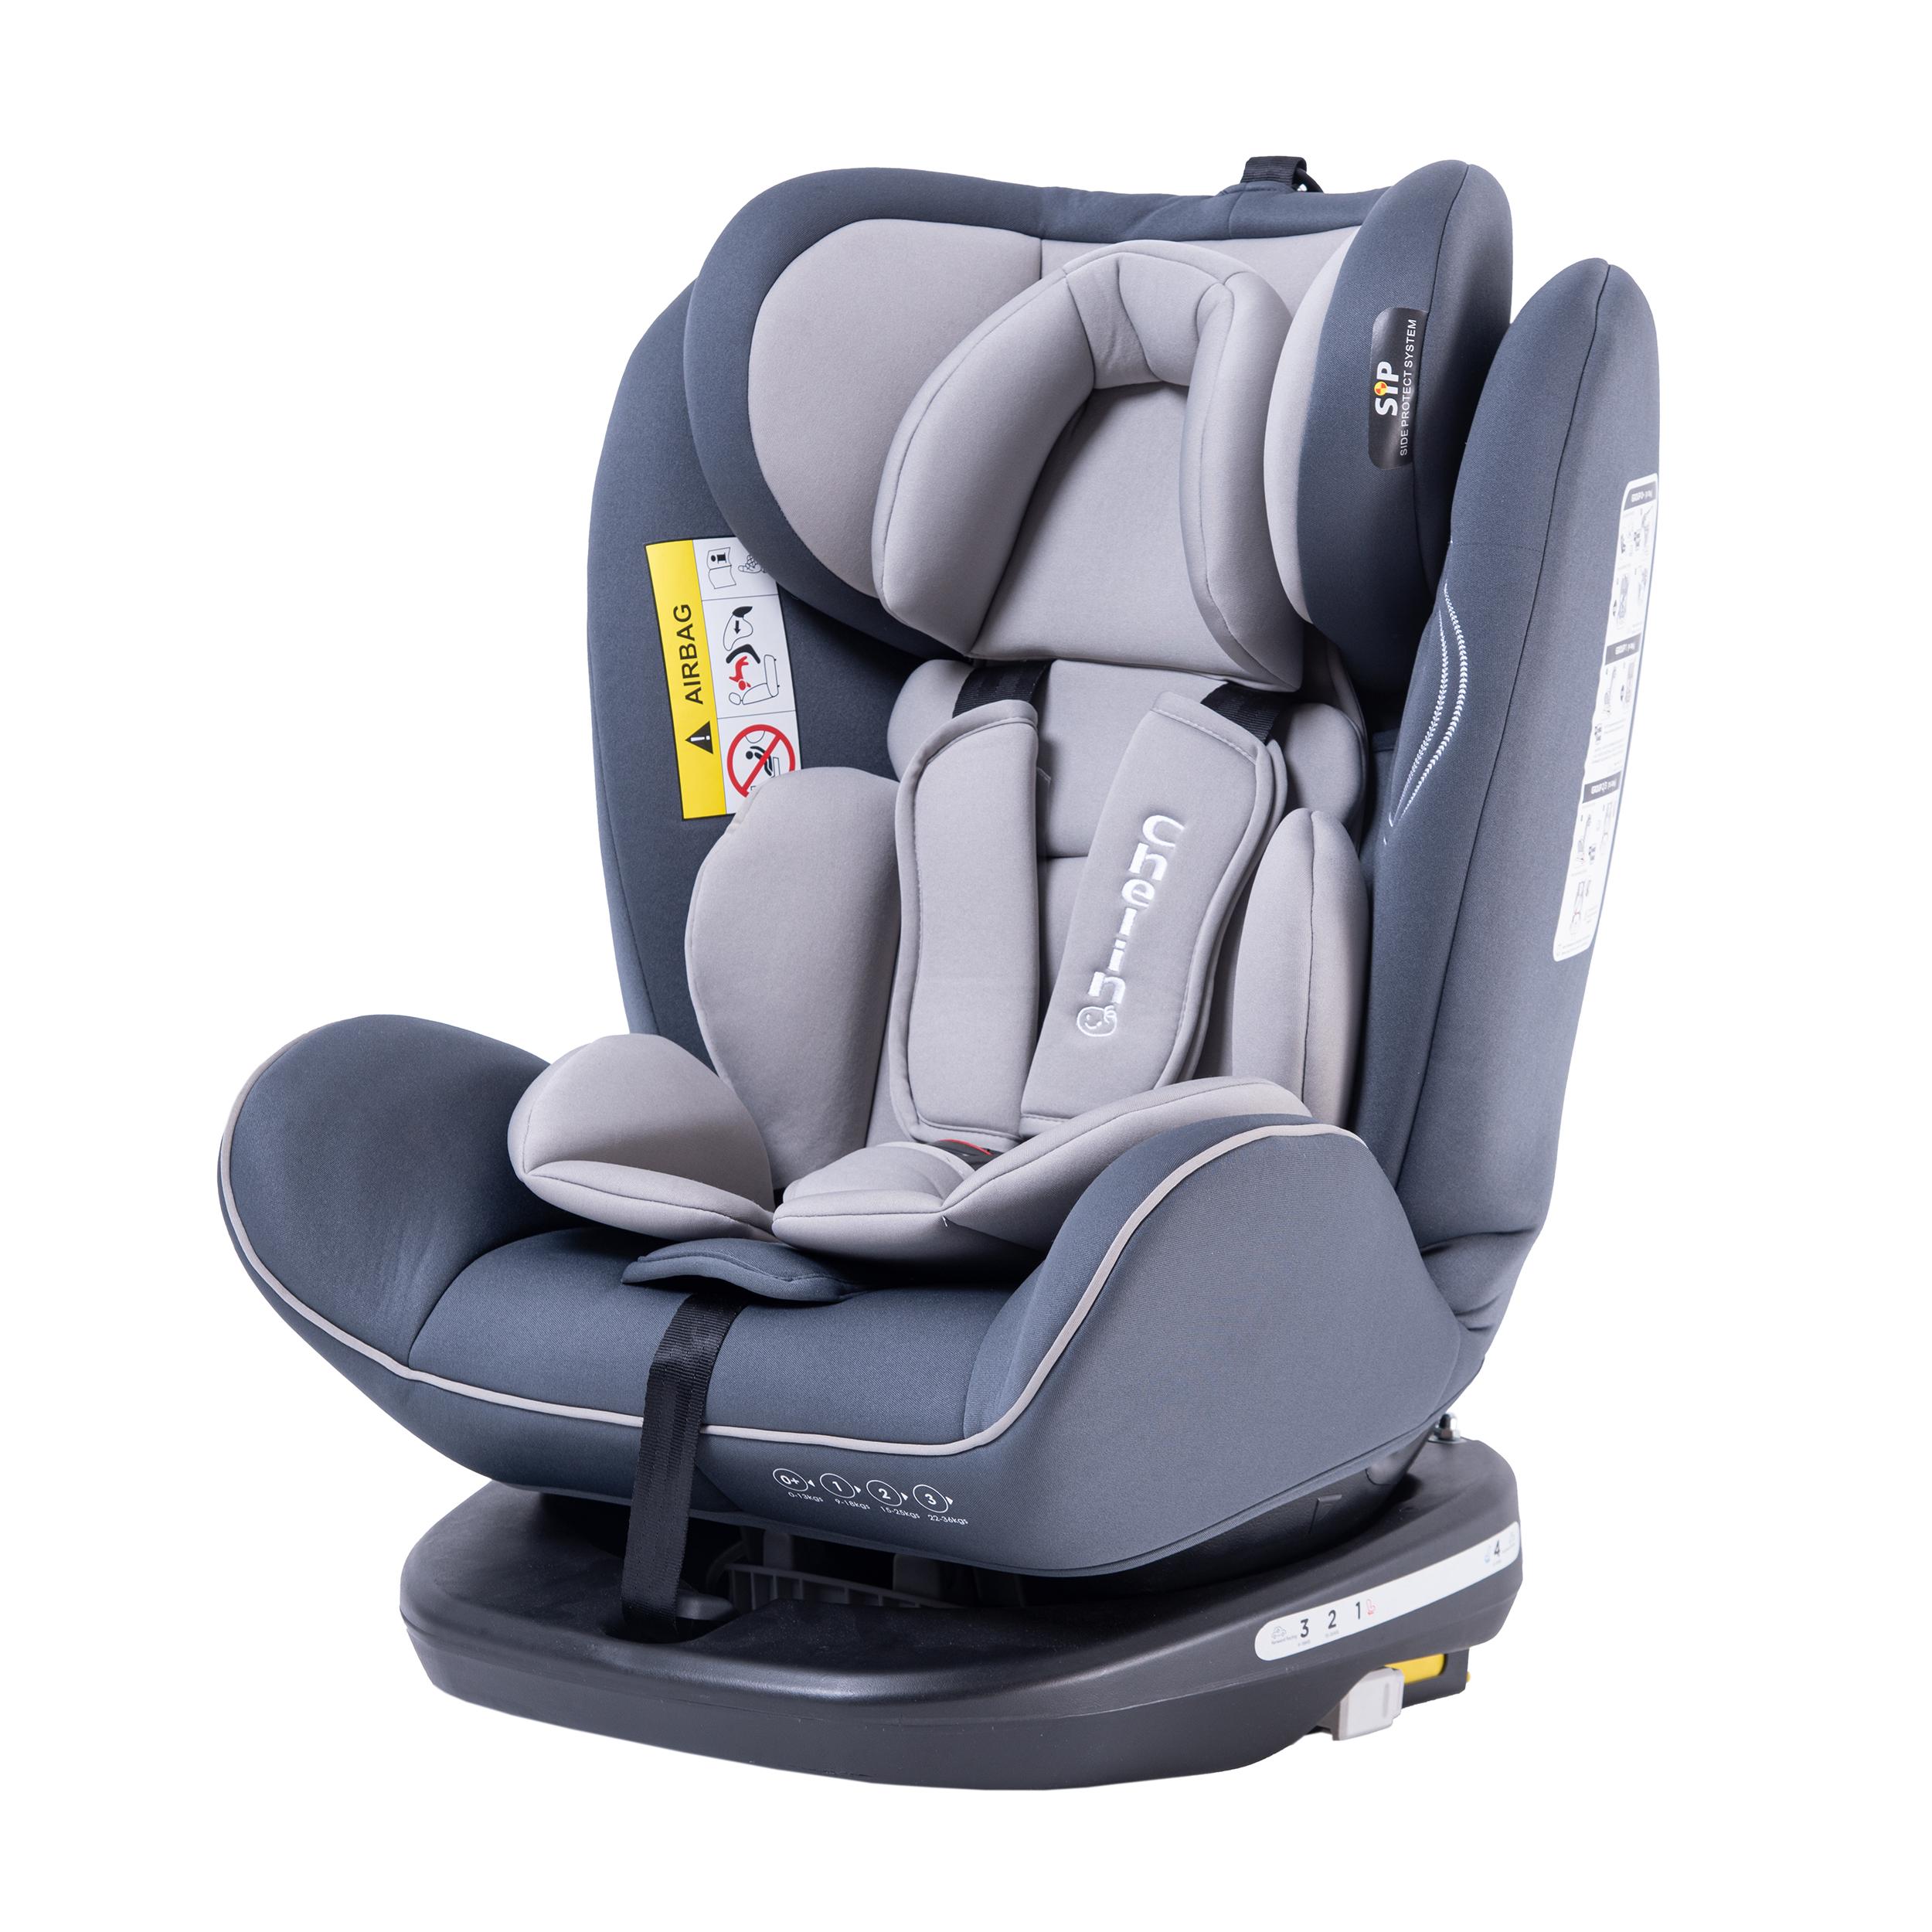 صندلی خودرو کودک چلینو مدل DAYTONA Isofix spin 360